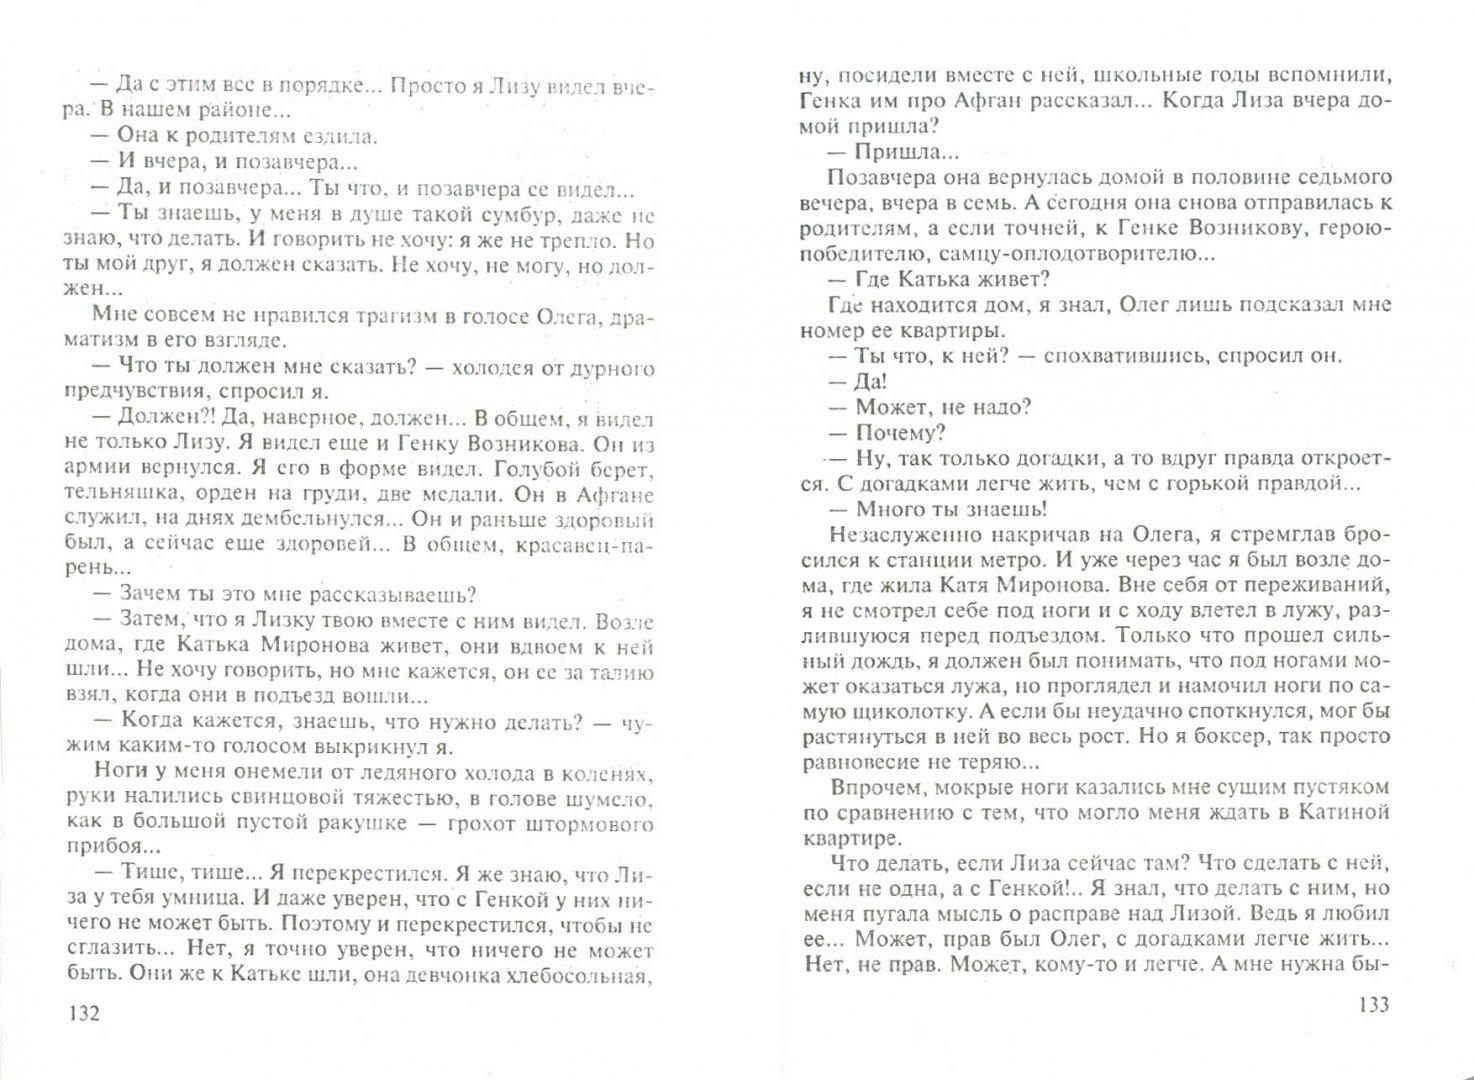 Иллюстрация 1 из 2 для Не жалею, не зову, не плачу - Владимир Колычев | Лабиринт - книги. Источник: Лабиринт